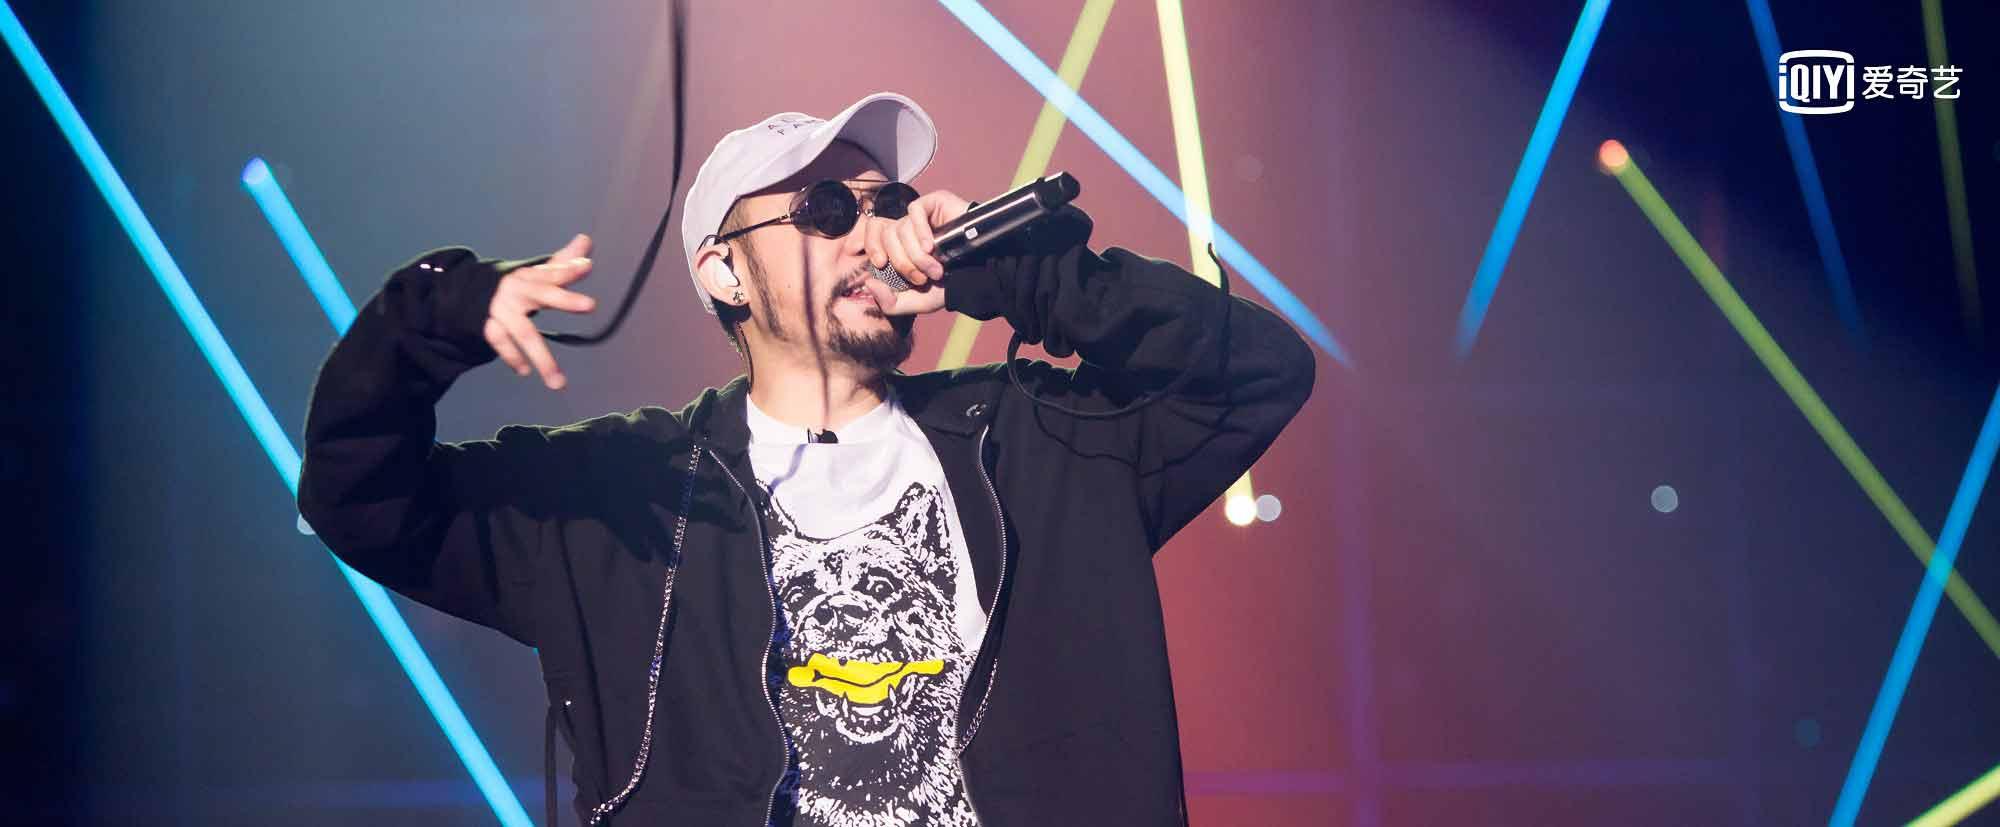 《中国新说唱》rapper单曲走心又洗脑